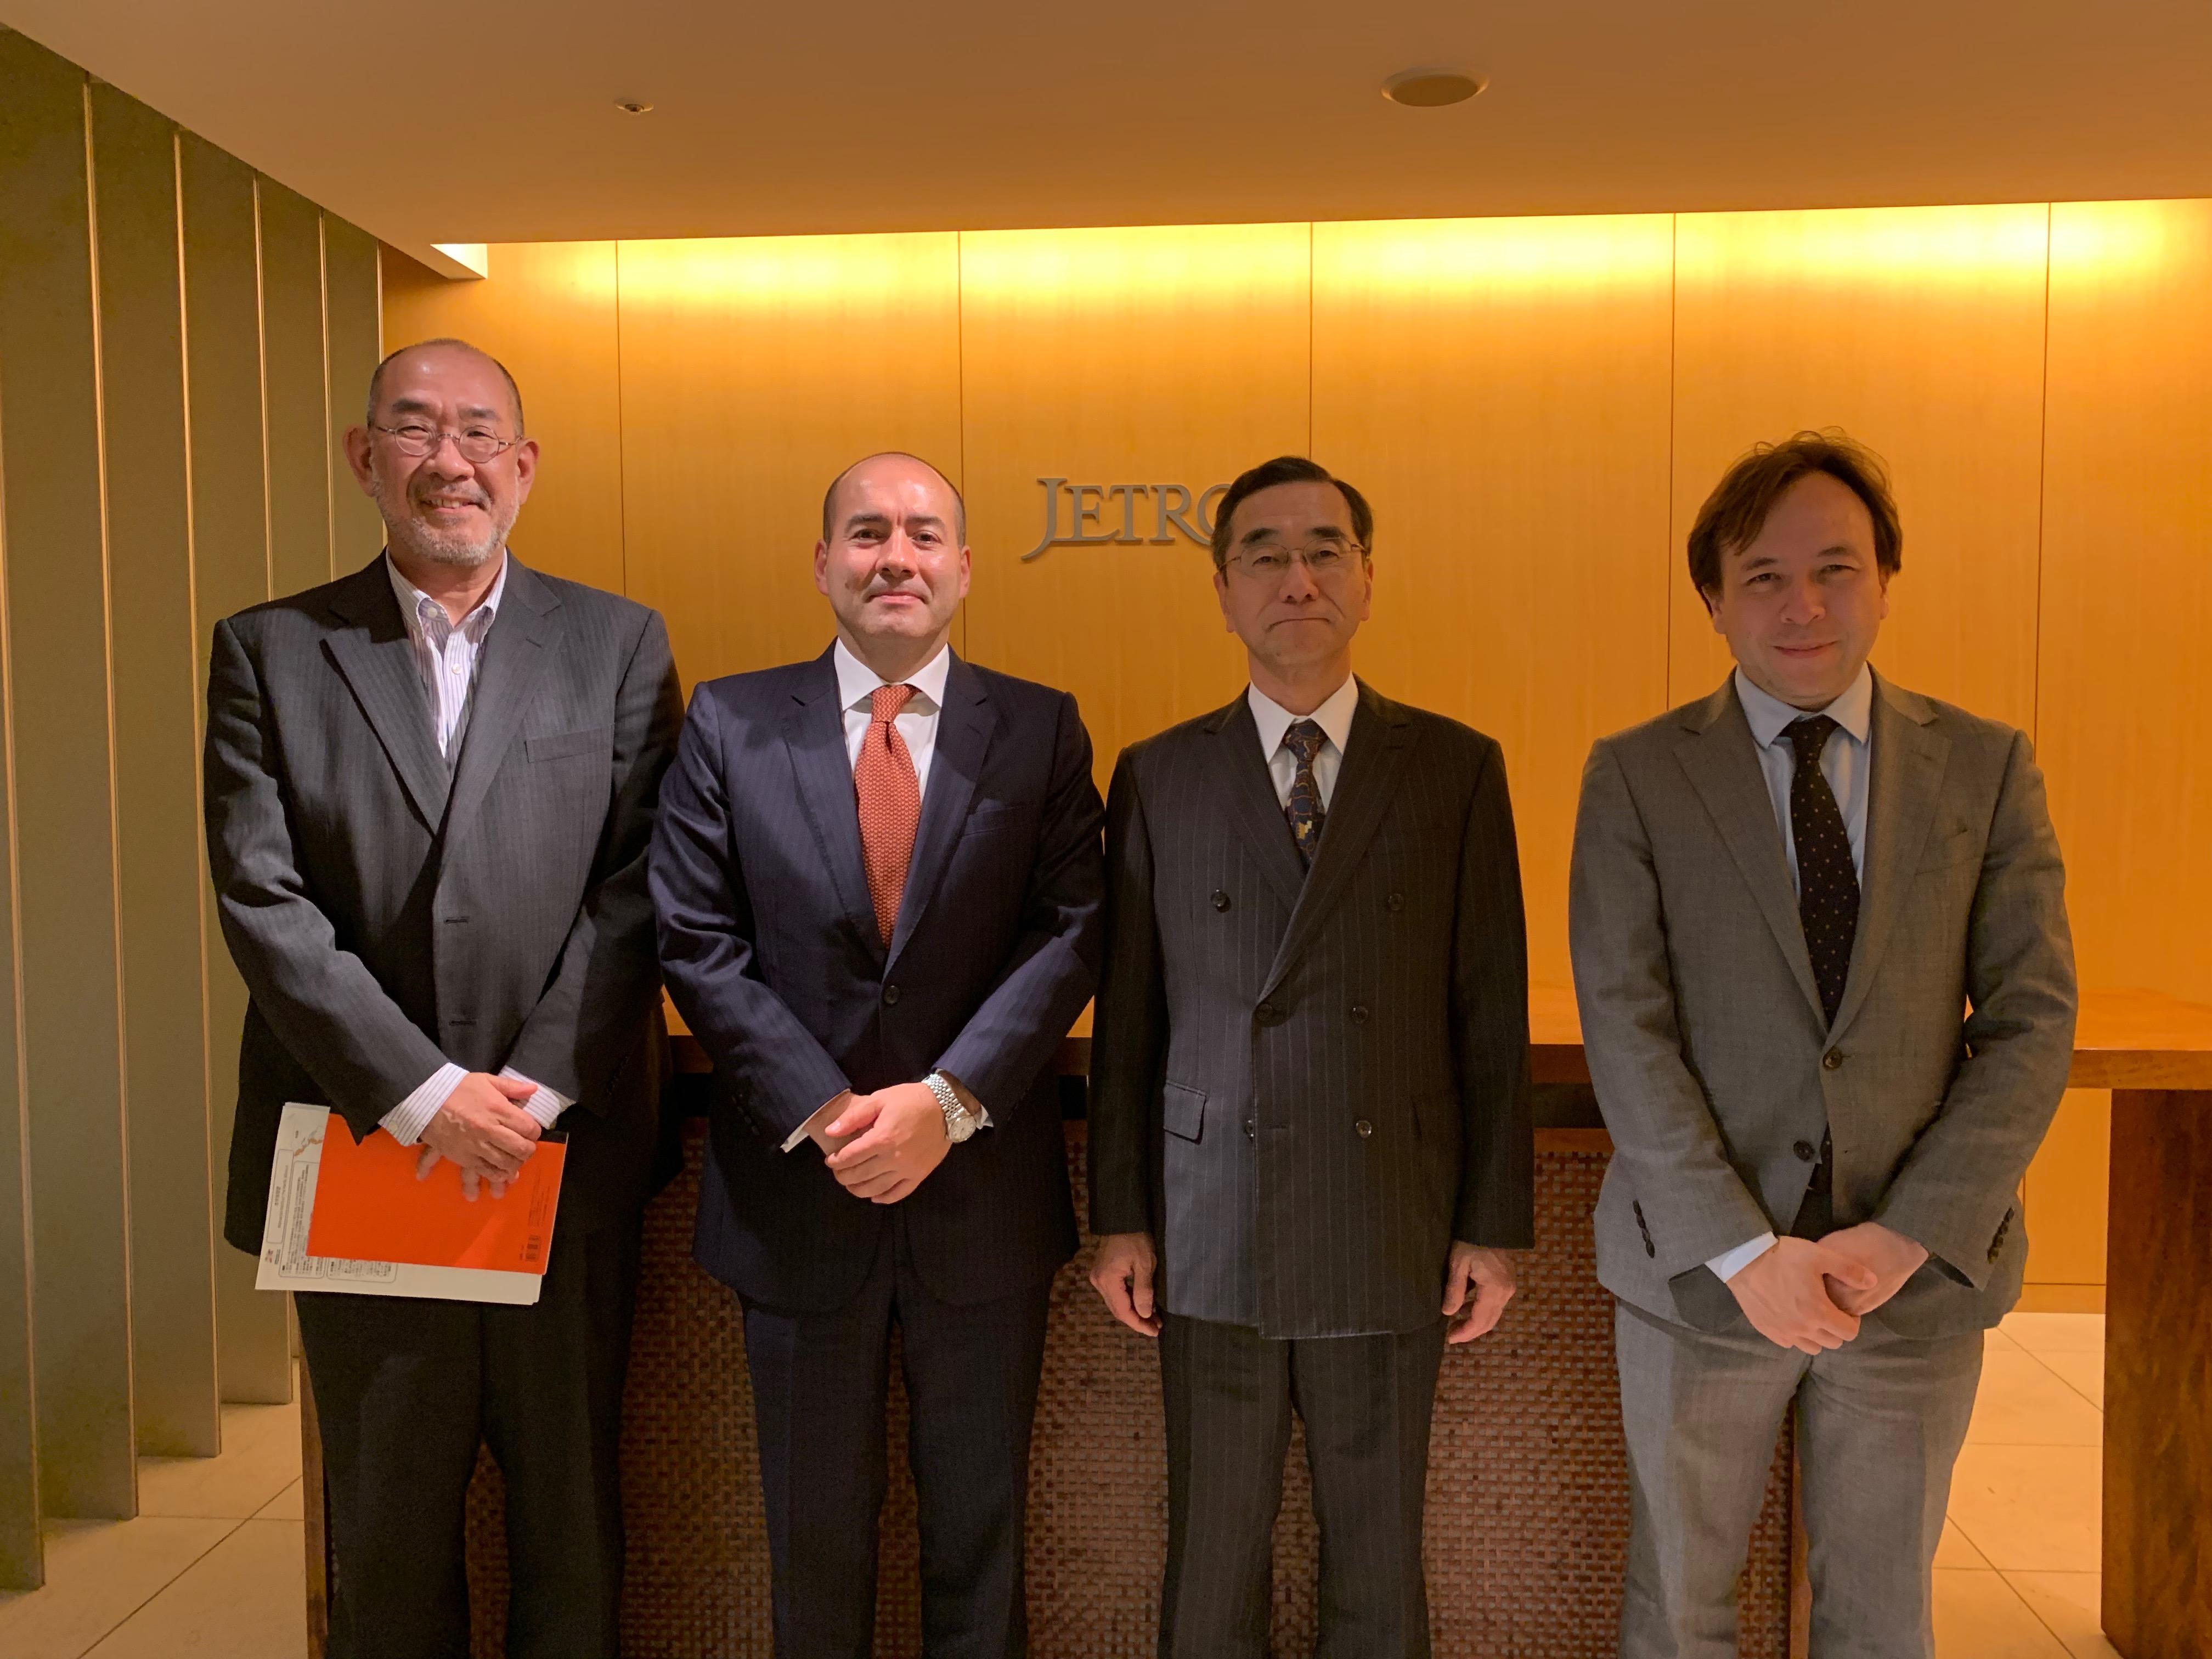 Embajador Santiago Pardo refuerza vínculos con la Organización para la Promoción de Comercio e Inversión de Japón (JETRO)